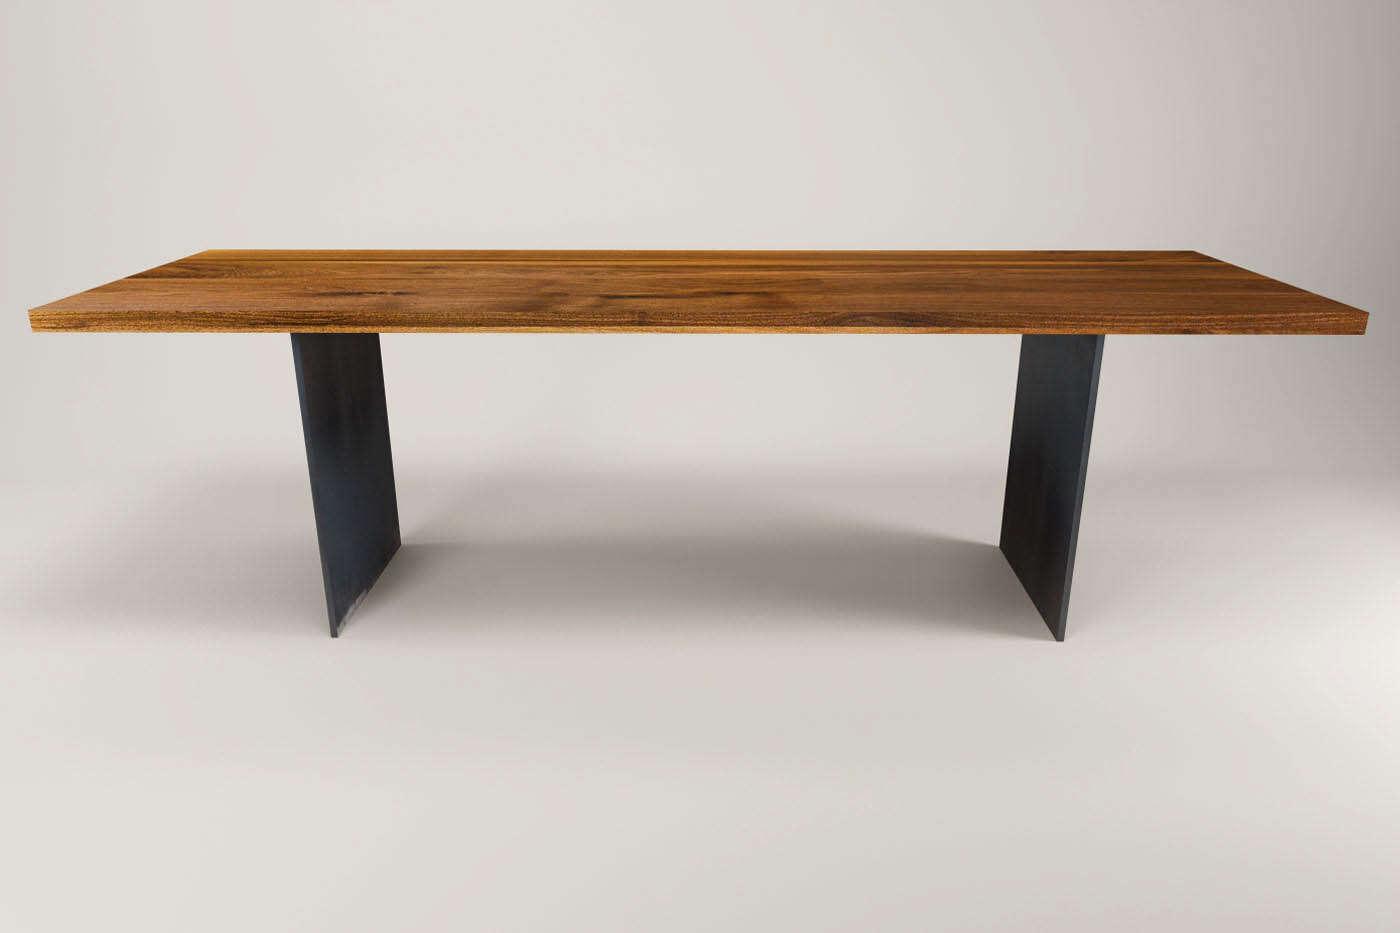 nussbaum stahlwangen tisch norvik auf ma ansehen. Black Bedroom Furniture Sets. Home Design Ideas